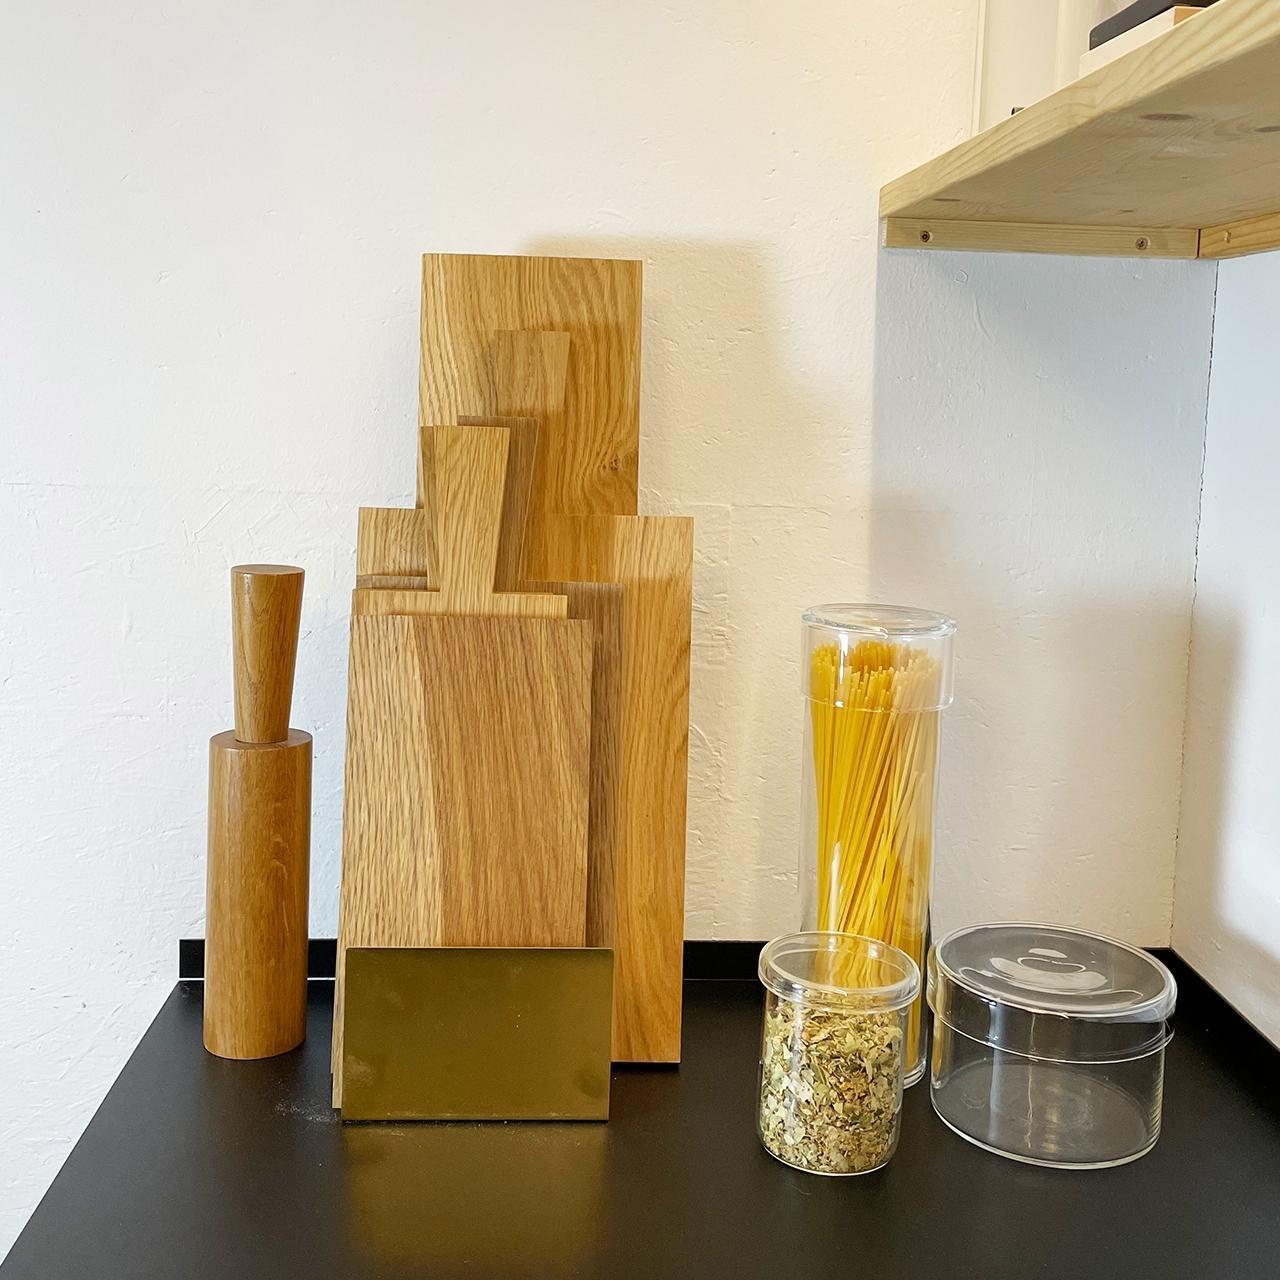 Küchenhelfer Nudelsammler Glasgefäß mit Decke